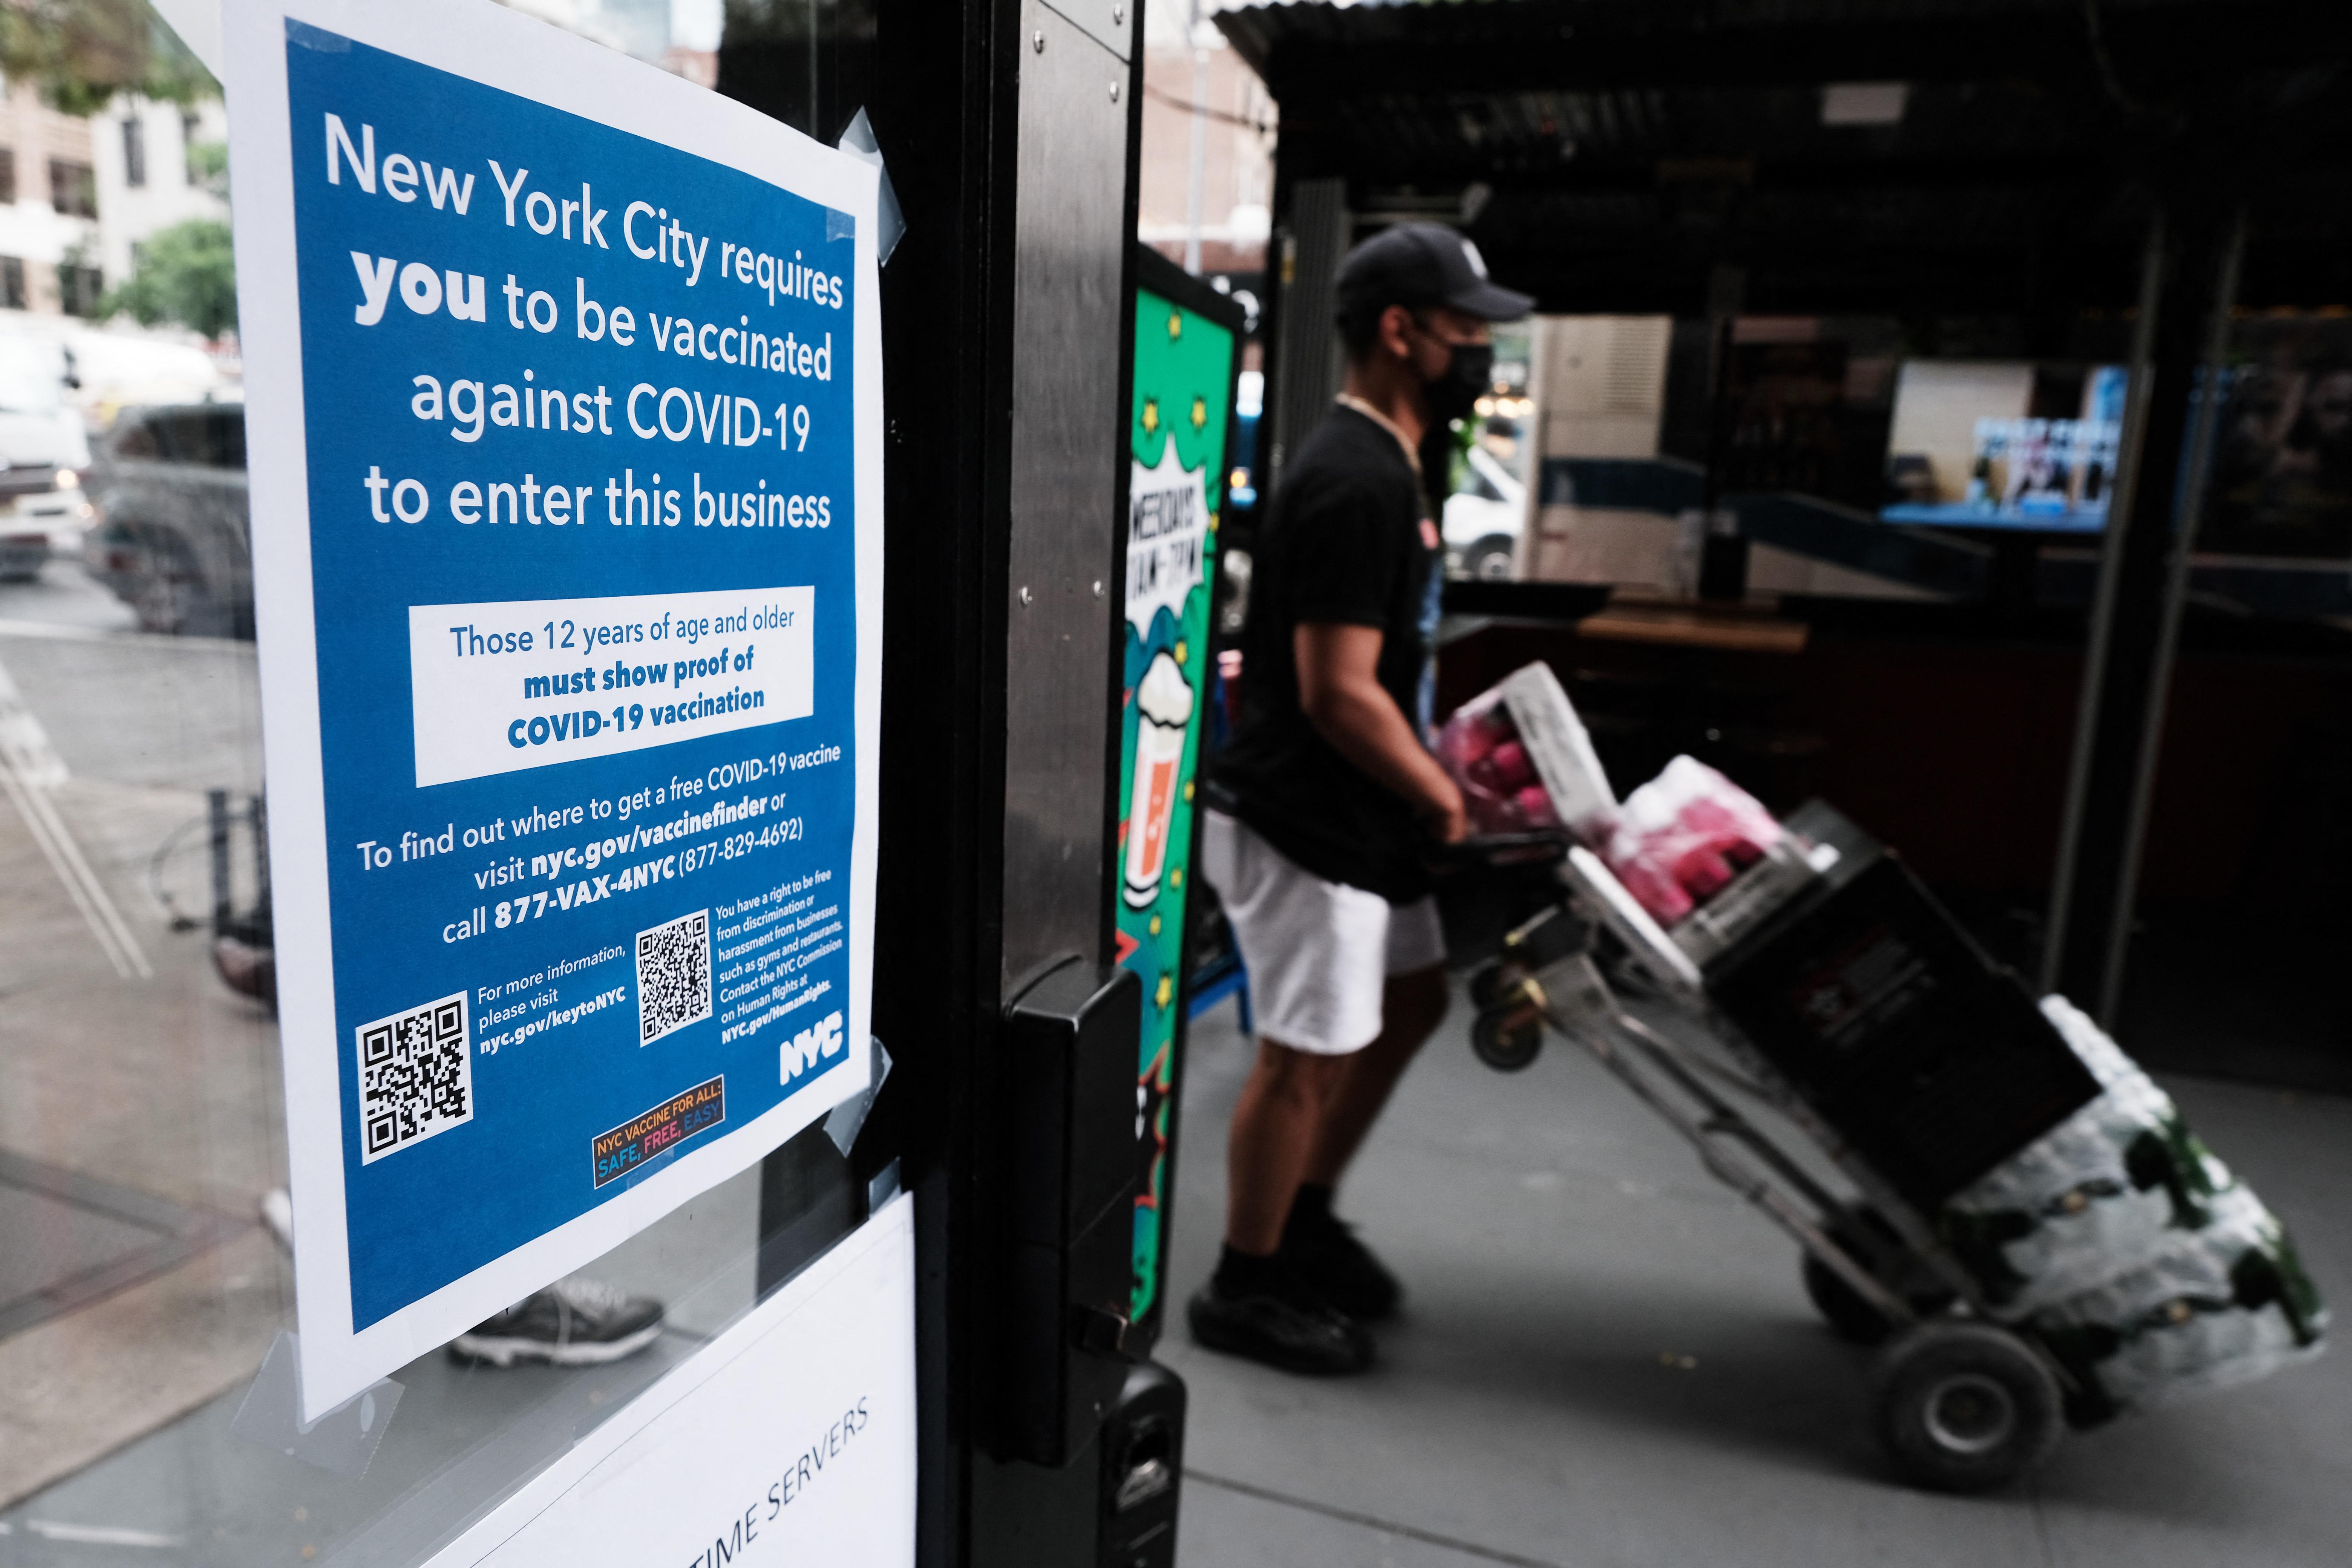 A BLM szerint a New York-i éttermek az oltási igazolvánnyal tartják távol a fekete vendégeket